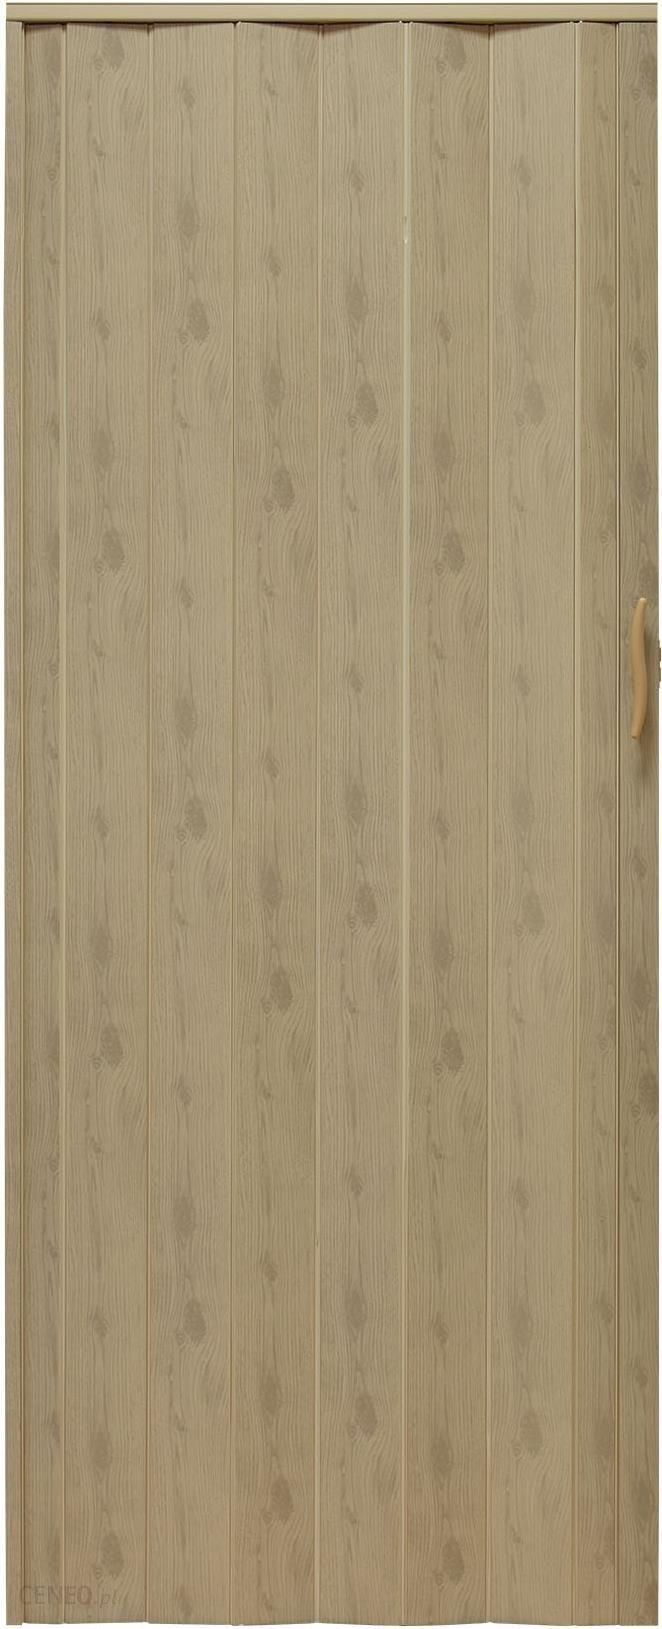 Gockowiak Drzwi Harmonijkowe 001P 48 G Wiąz Mat G 90Cm